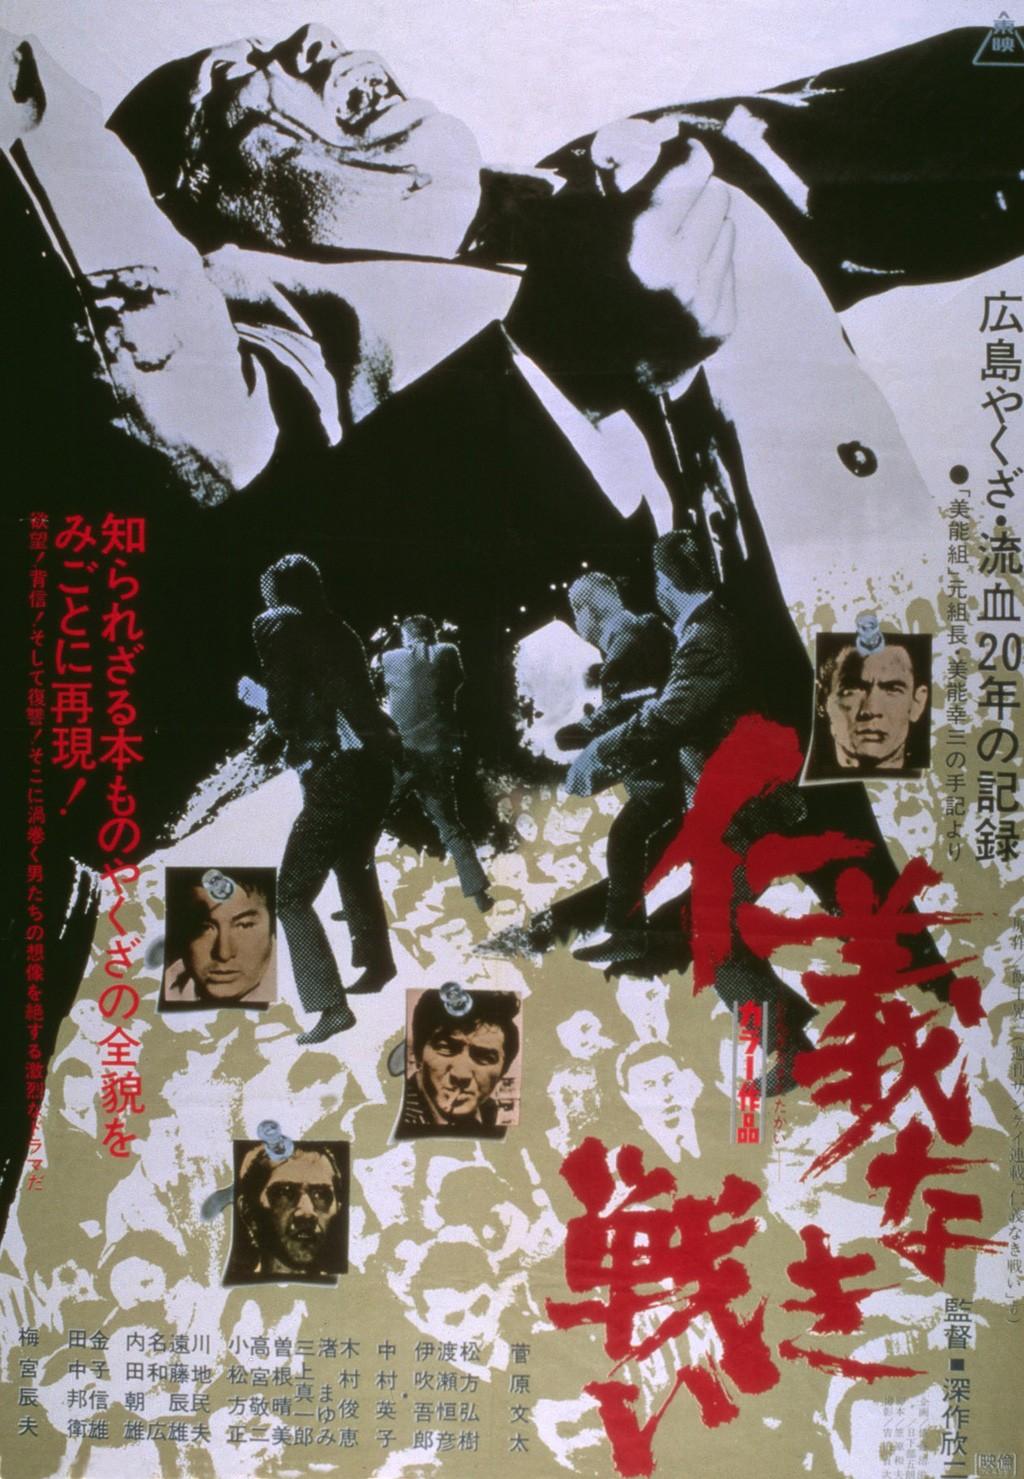 Affiche japonaise de Combat sans code d'honneur